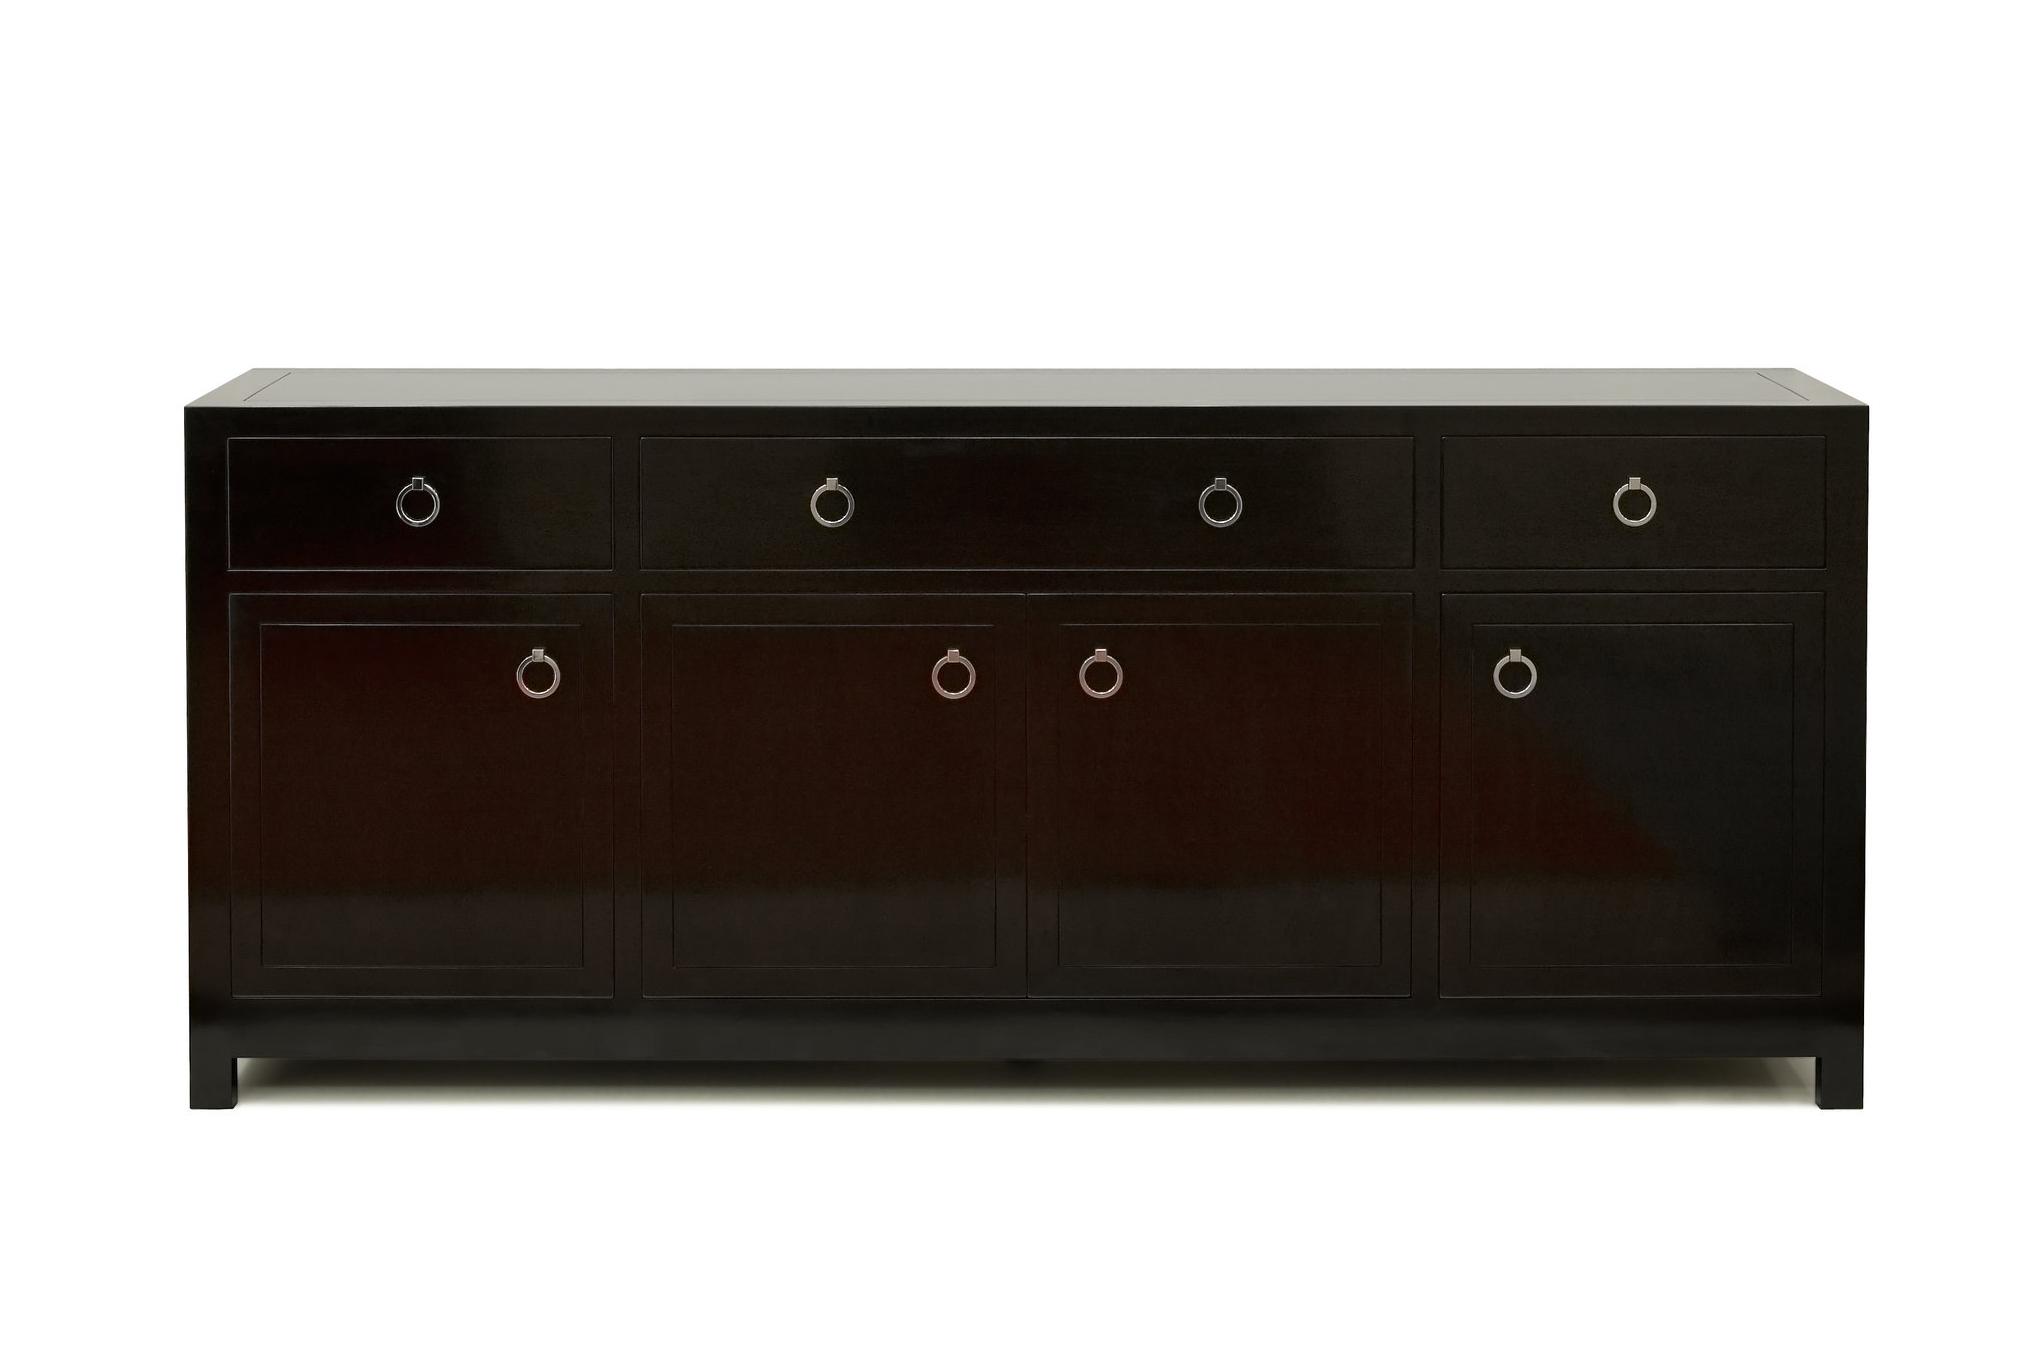 ....Custom made modern furniture : Sideboard..特别定制现代家具:餐柜....